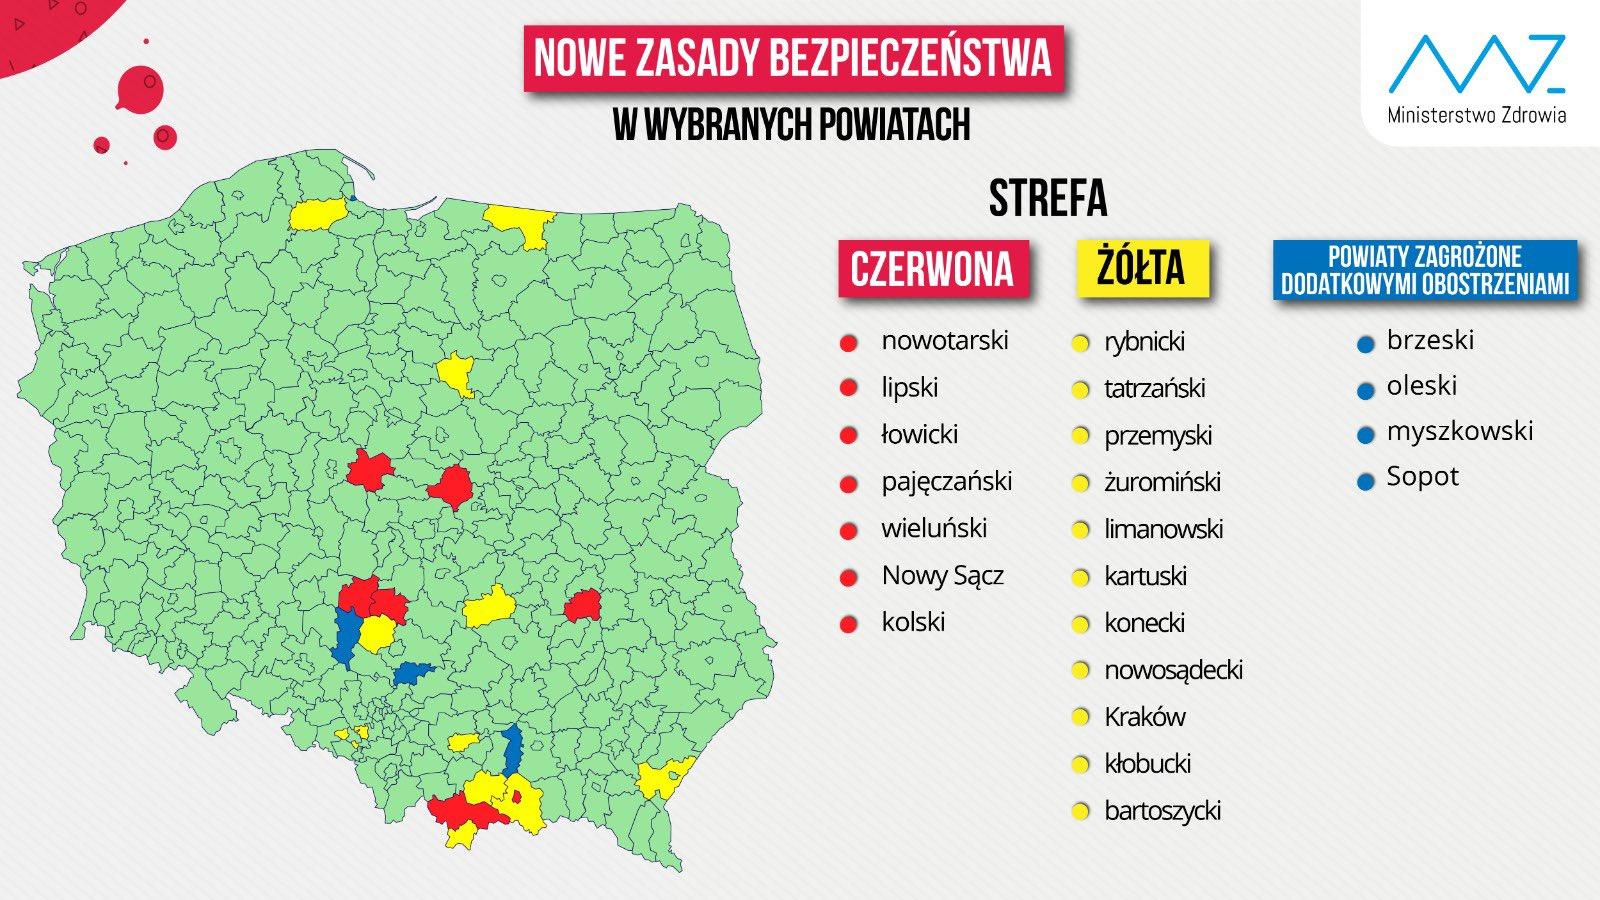 Nowe zasady bezpieczeństwa w wybranych powiatach.